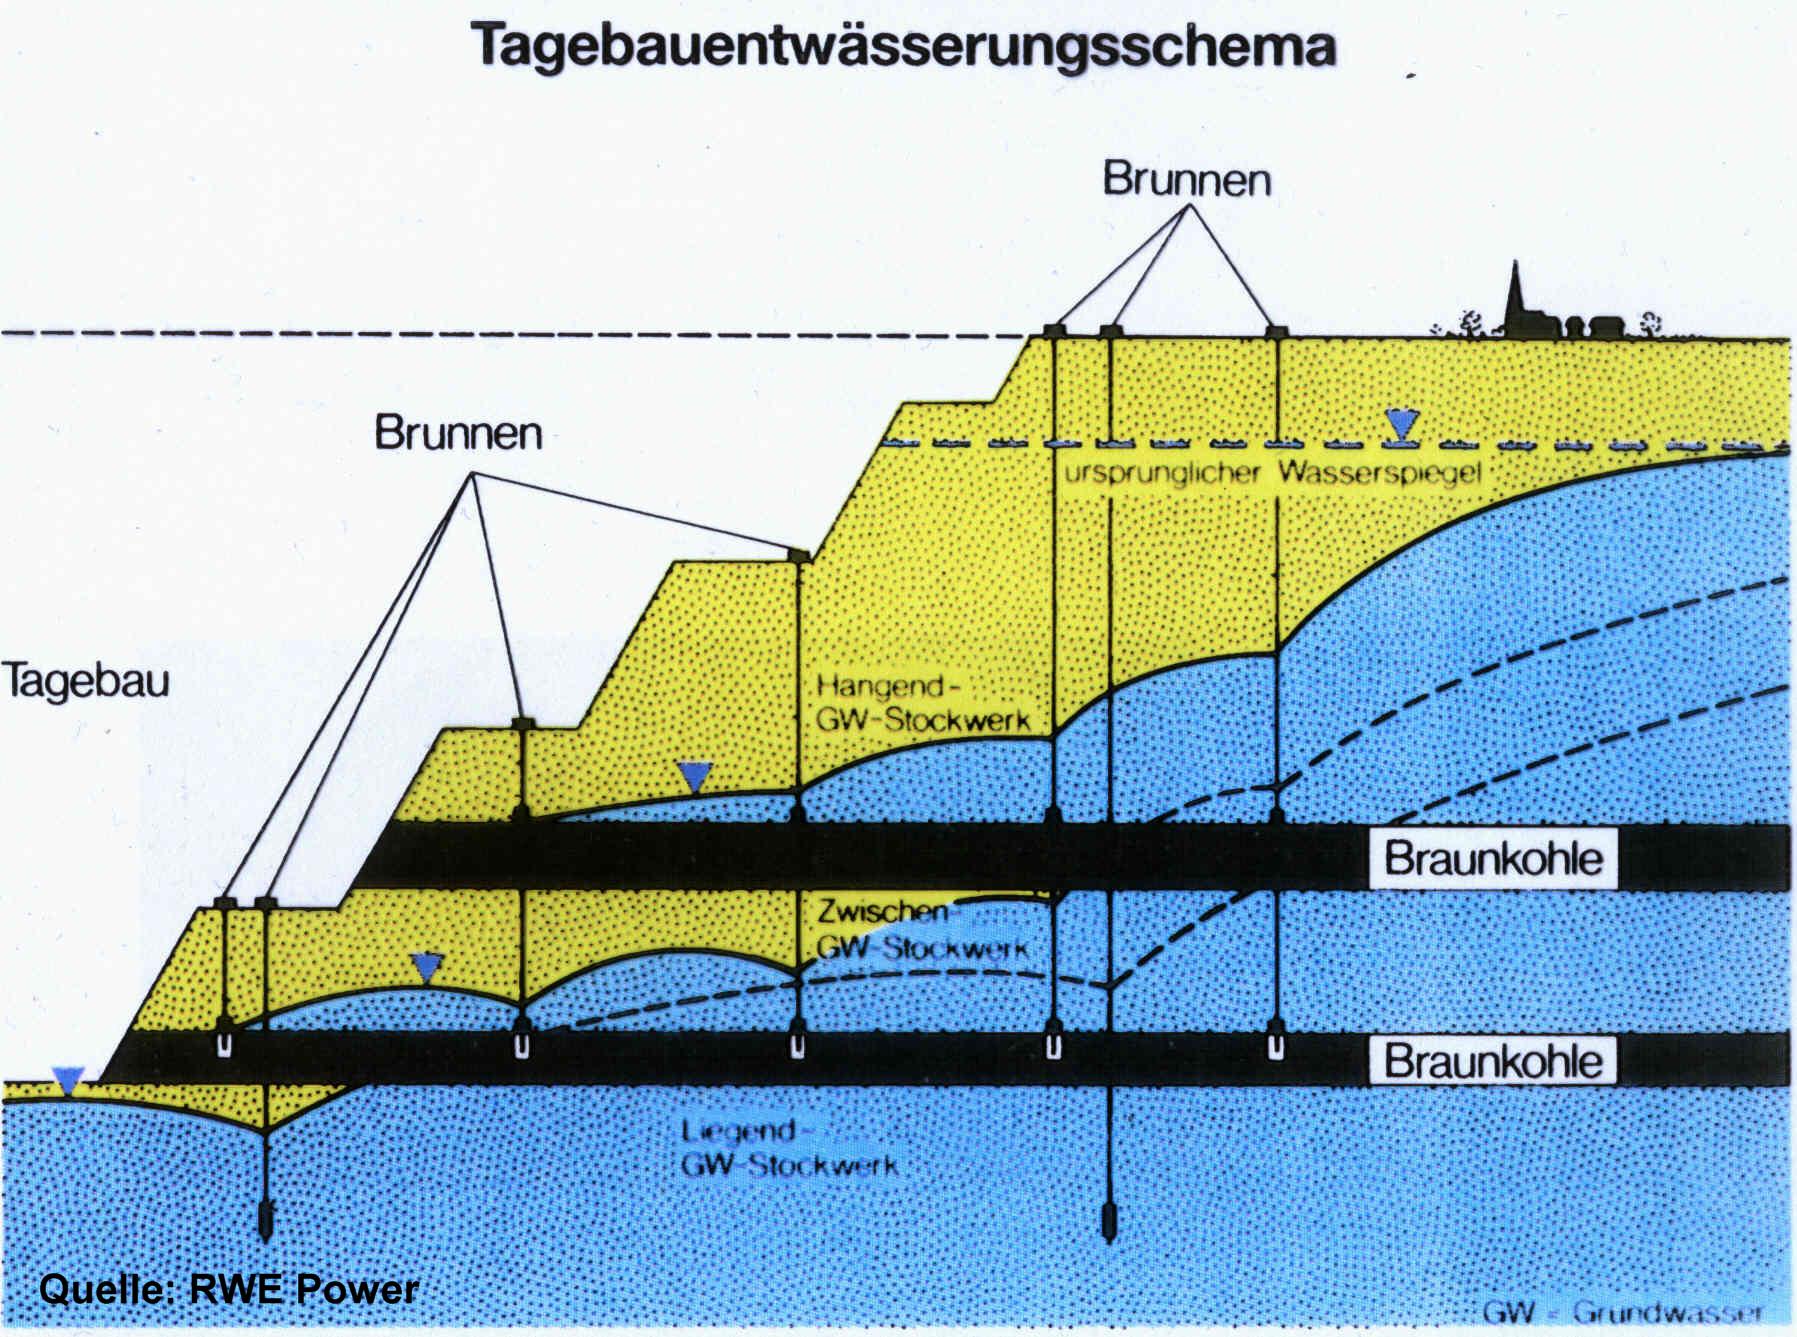 Grundwasserstand Karte Nrw.Braunkohlentagebaue Und Gewässerschutz Bund Nrw